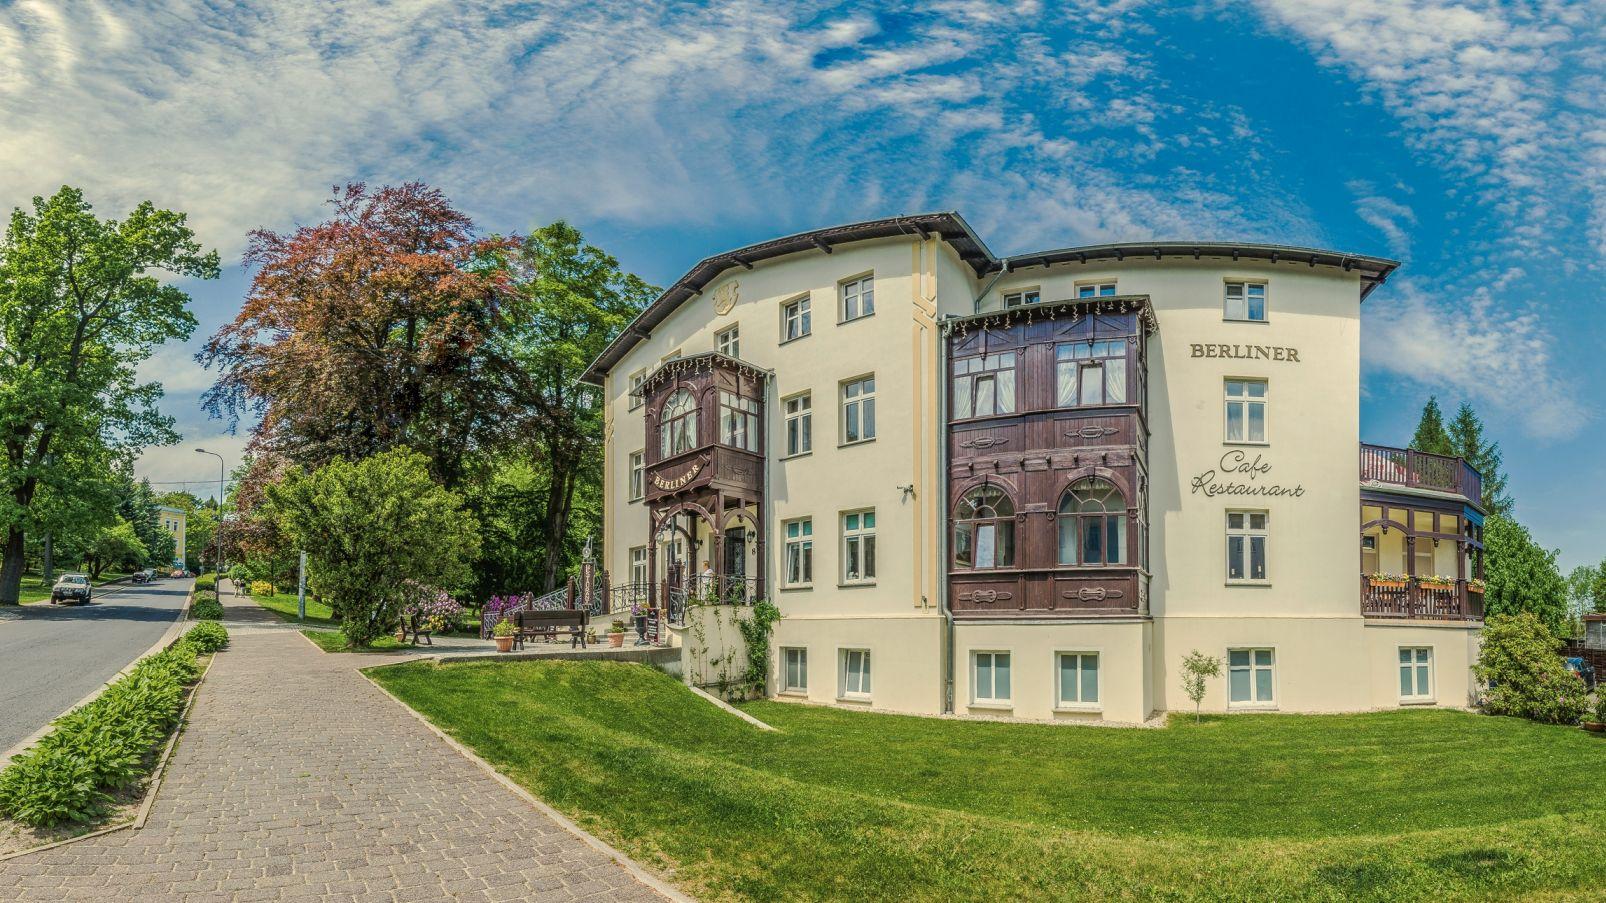 Kurhaus Berliner